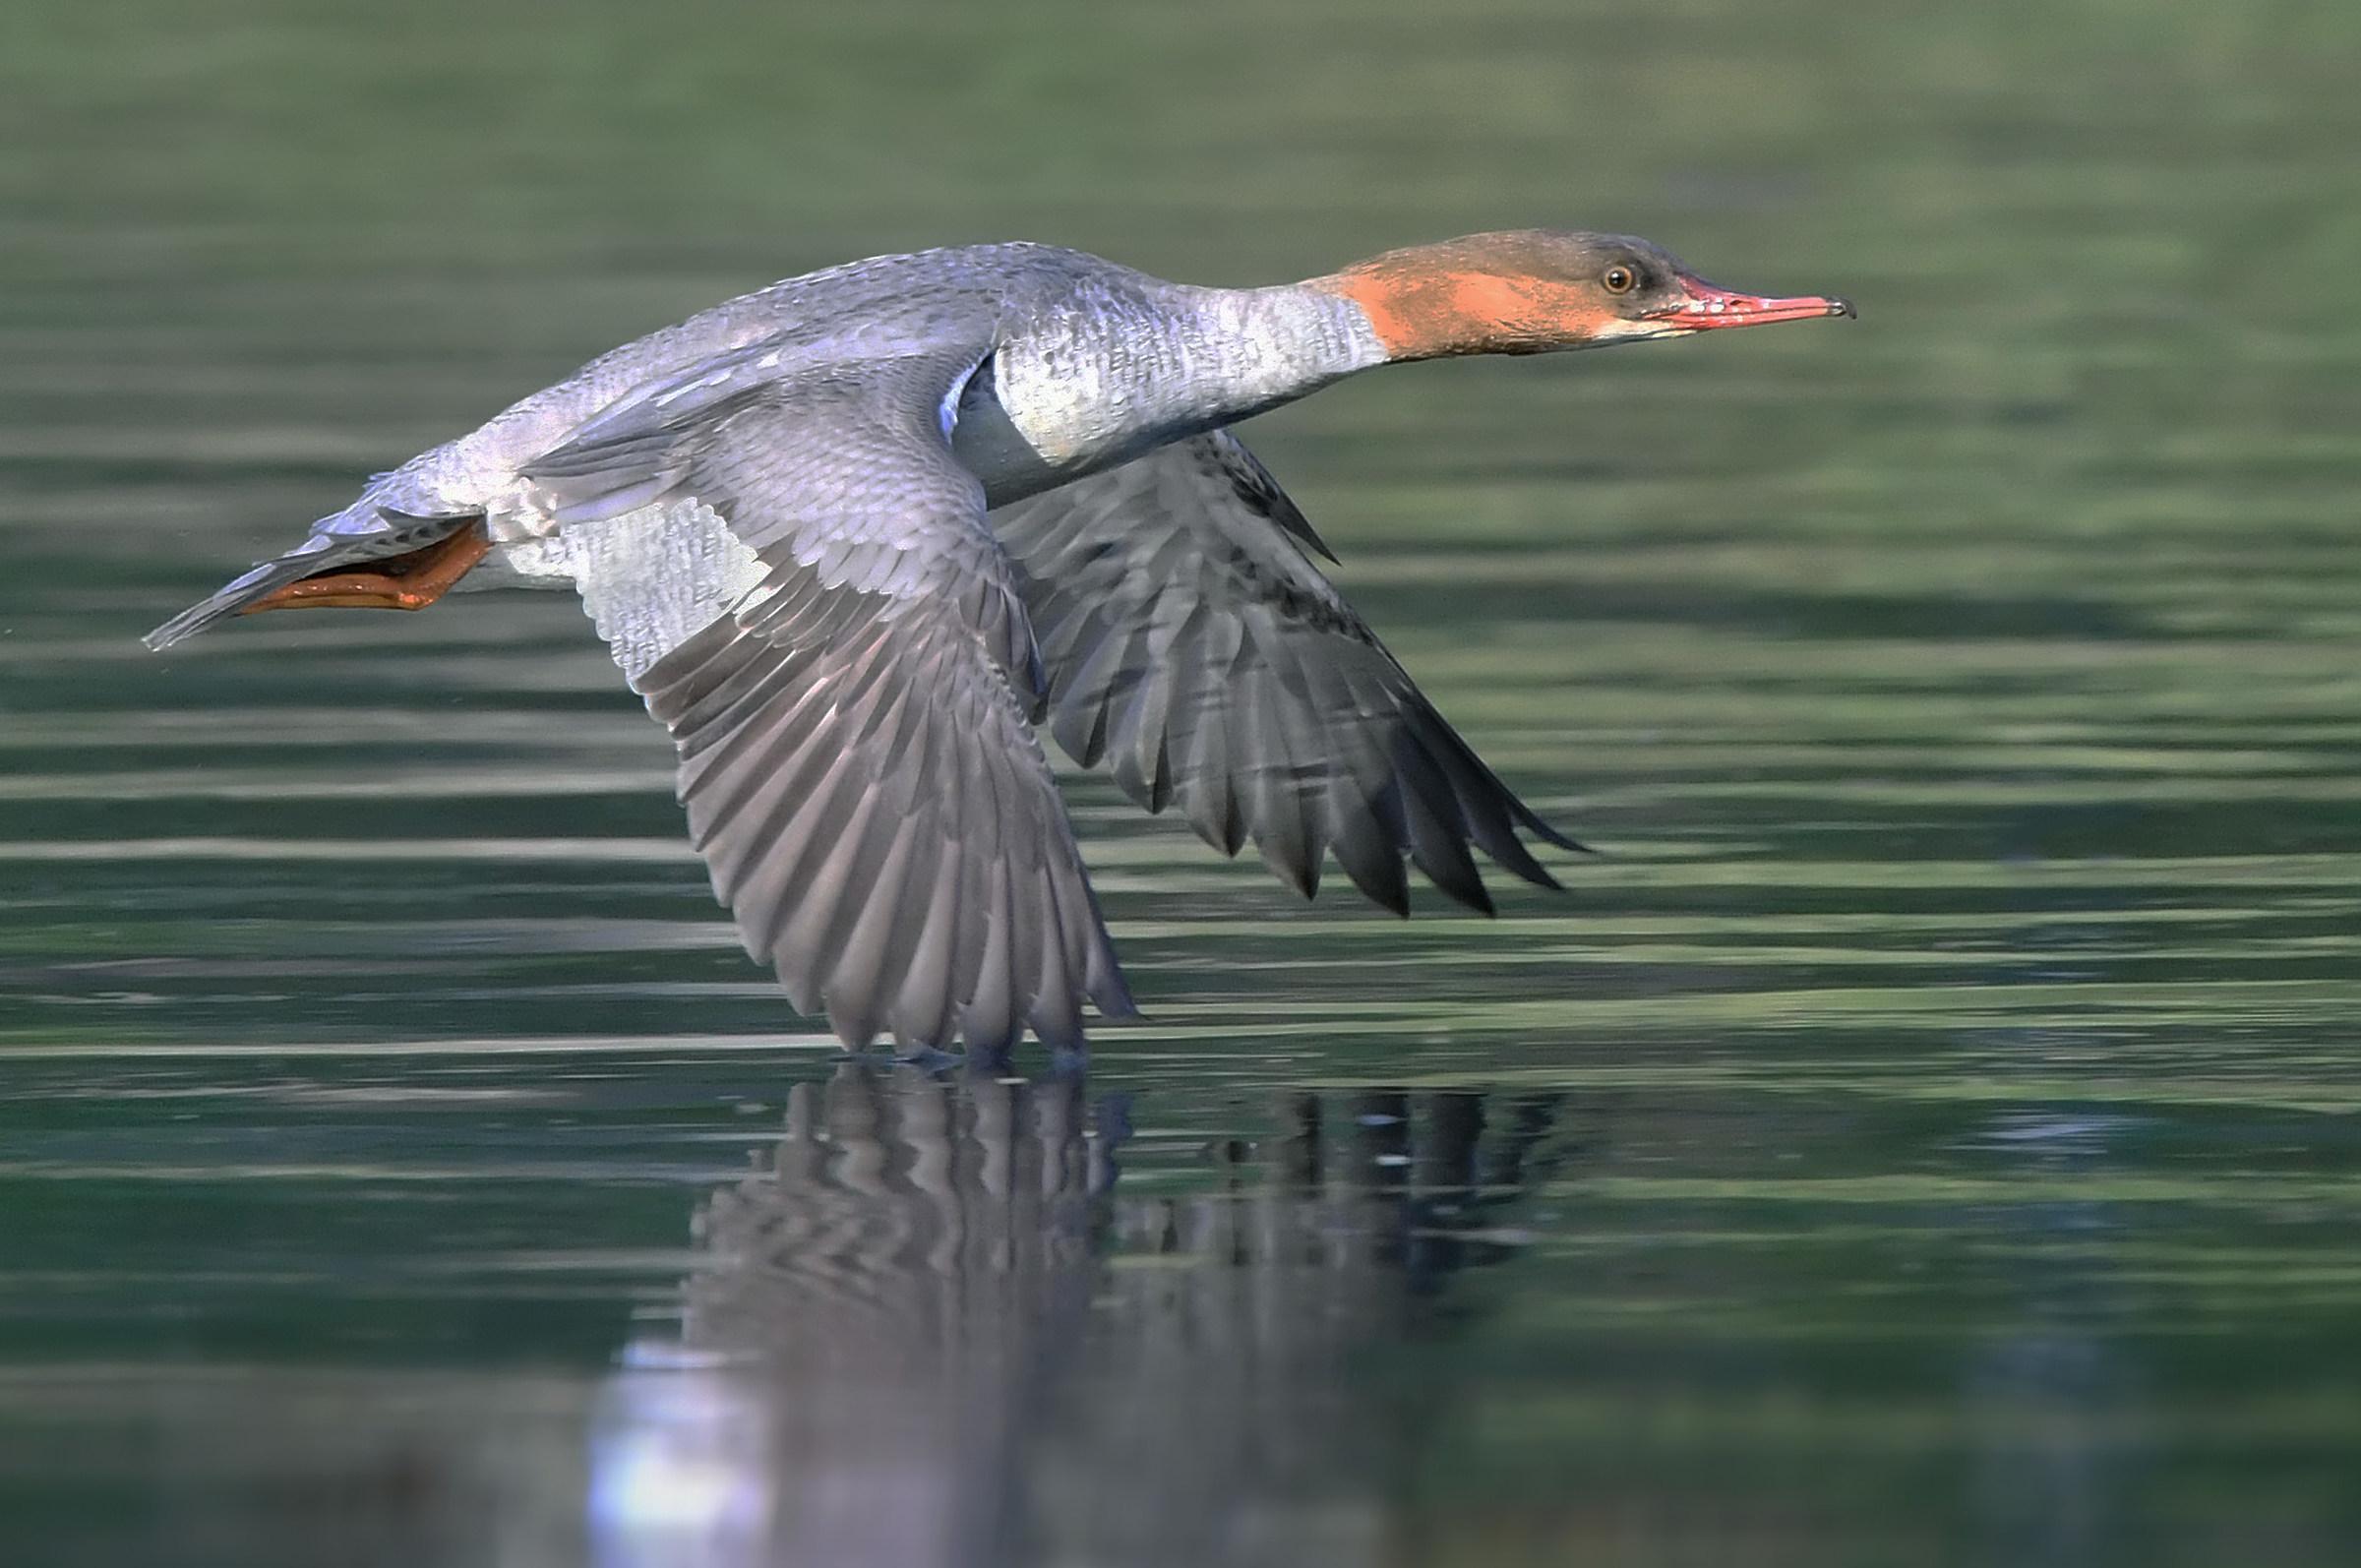 The fledging merganser...